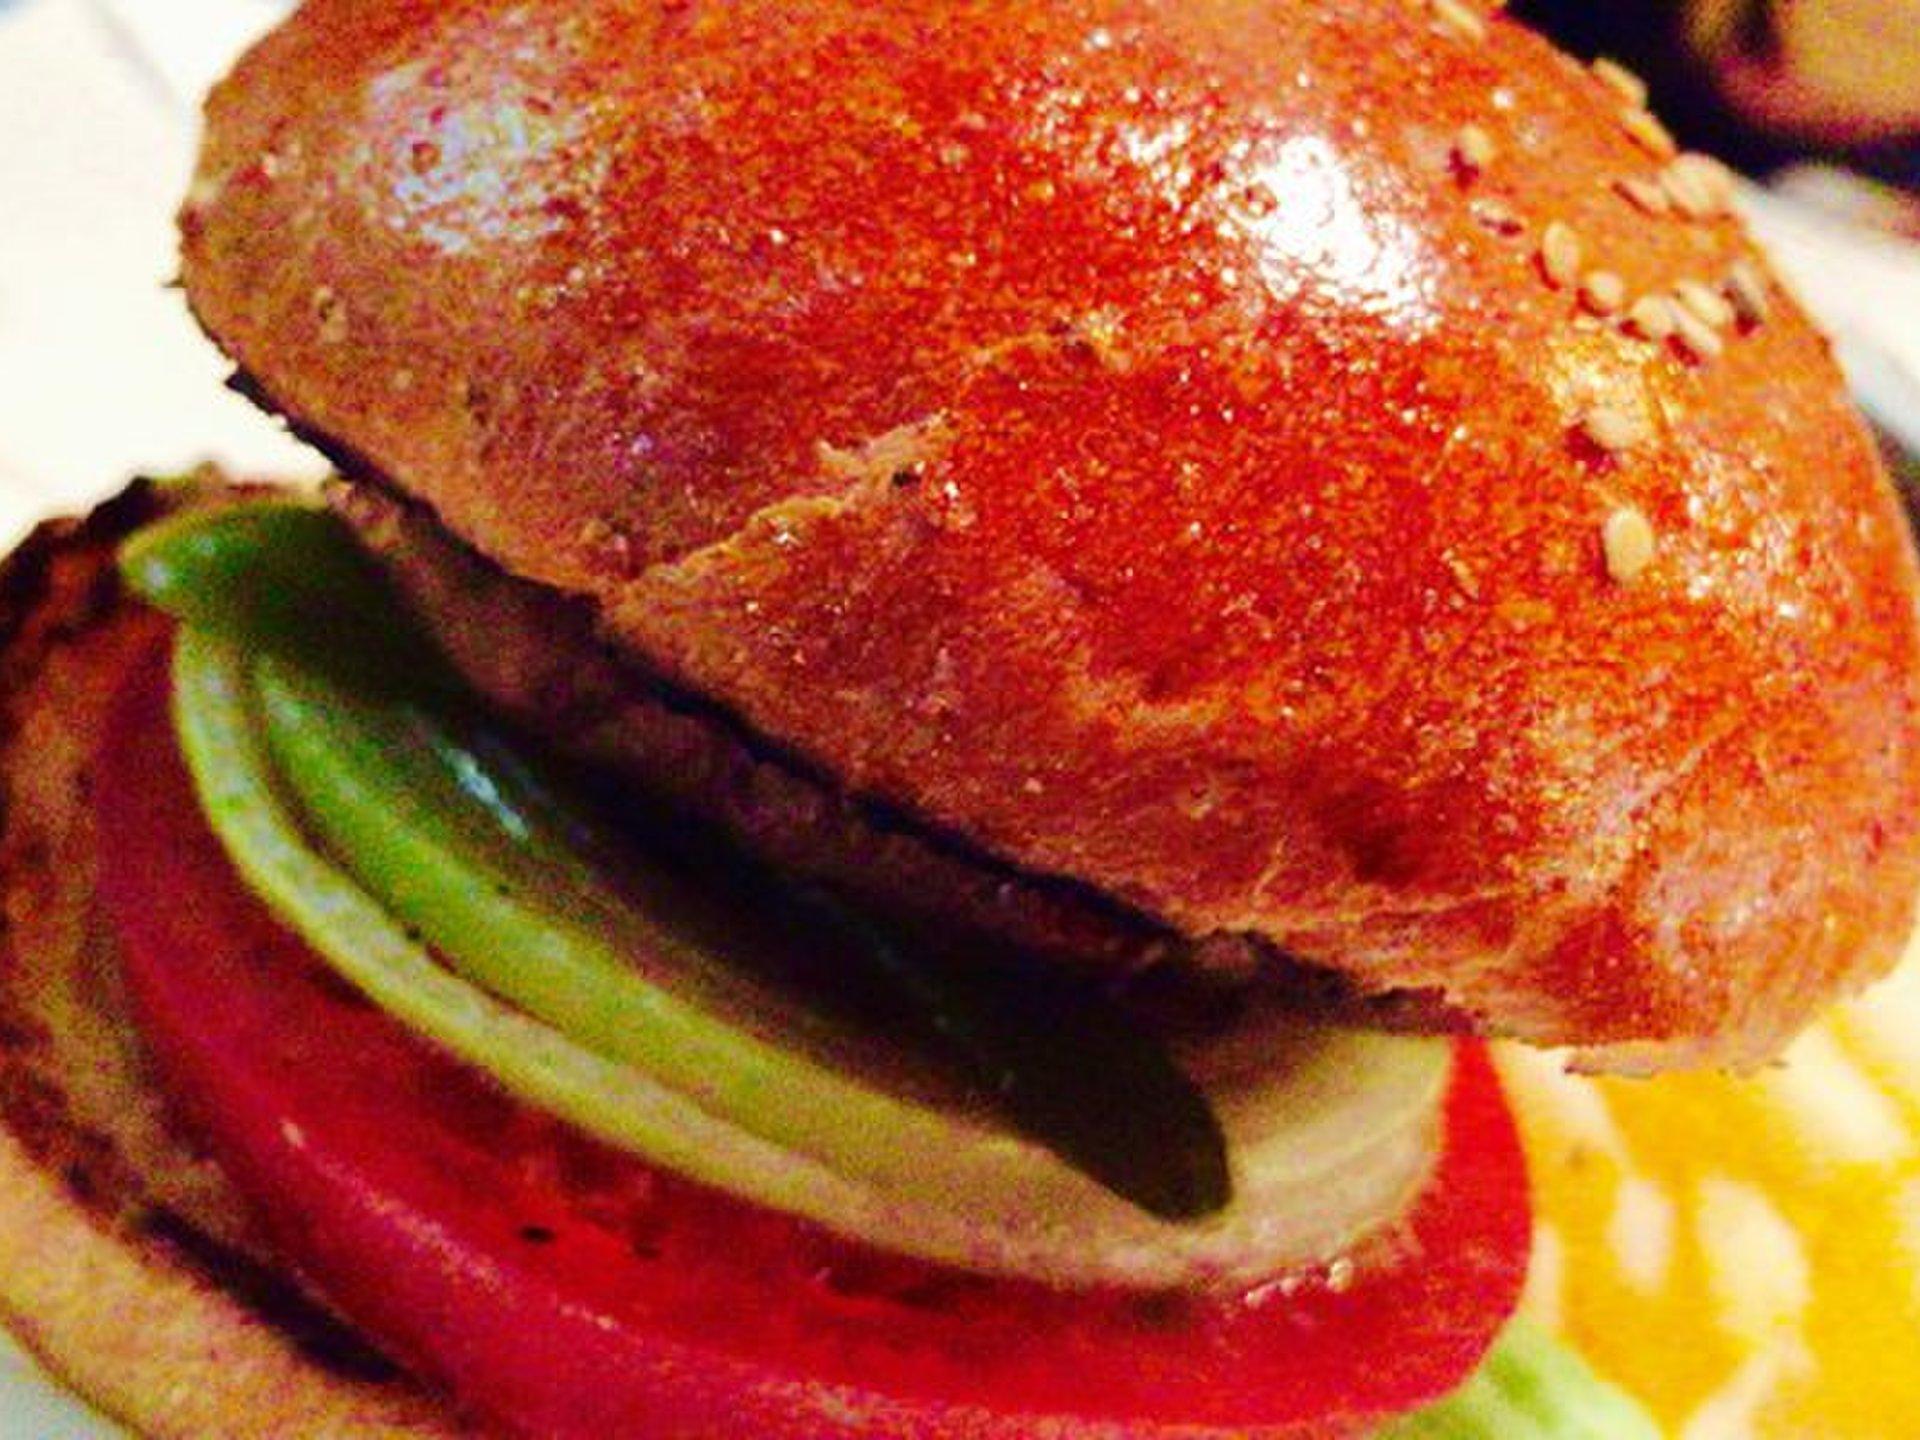 【23区グルメ3選~渋谷区編~】若者のまち渋谷区で食べたいおすすめグルメ